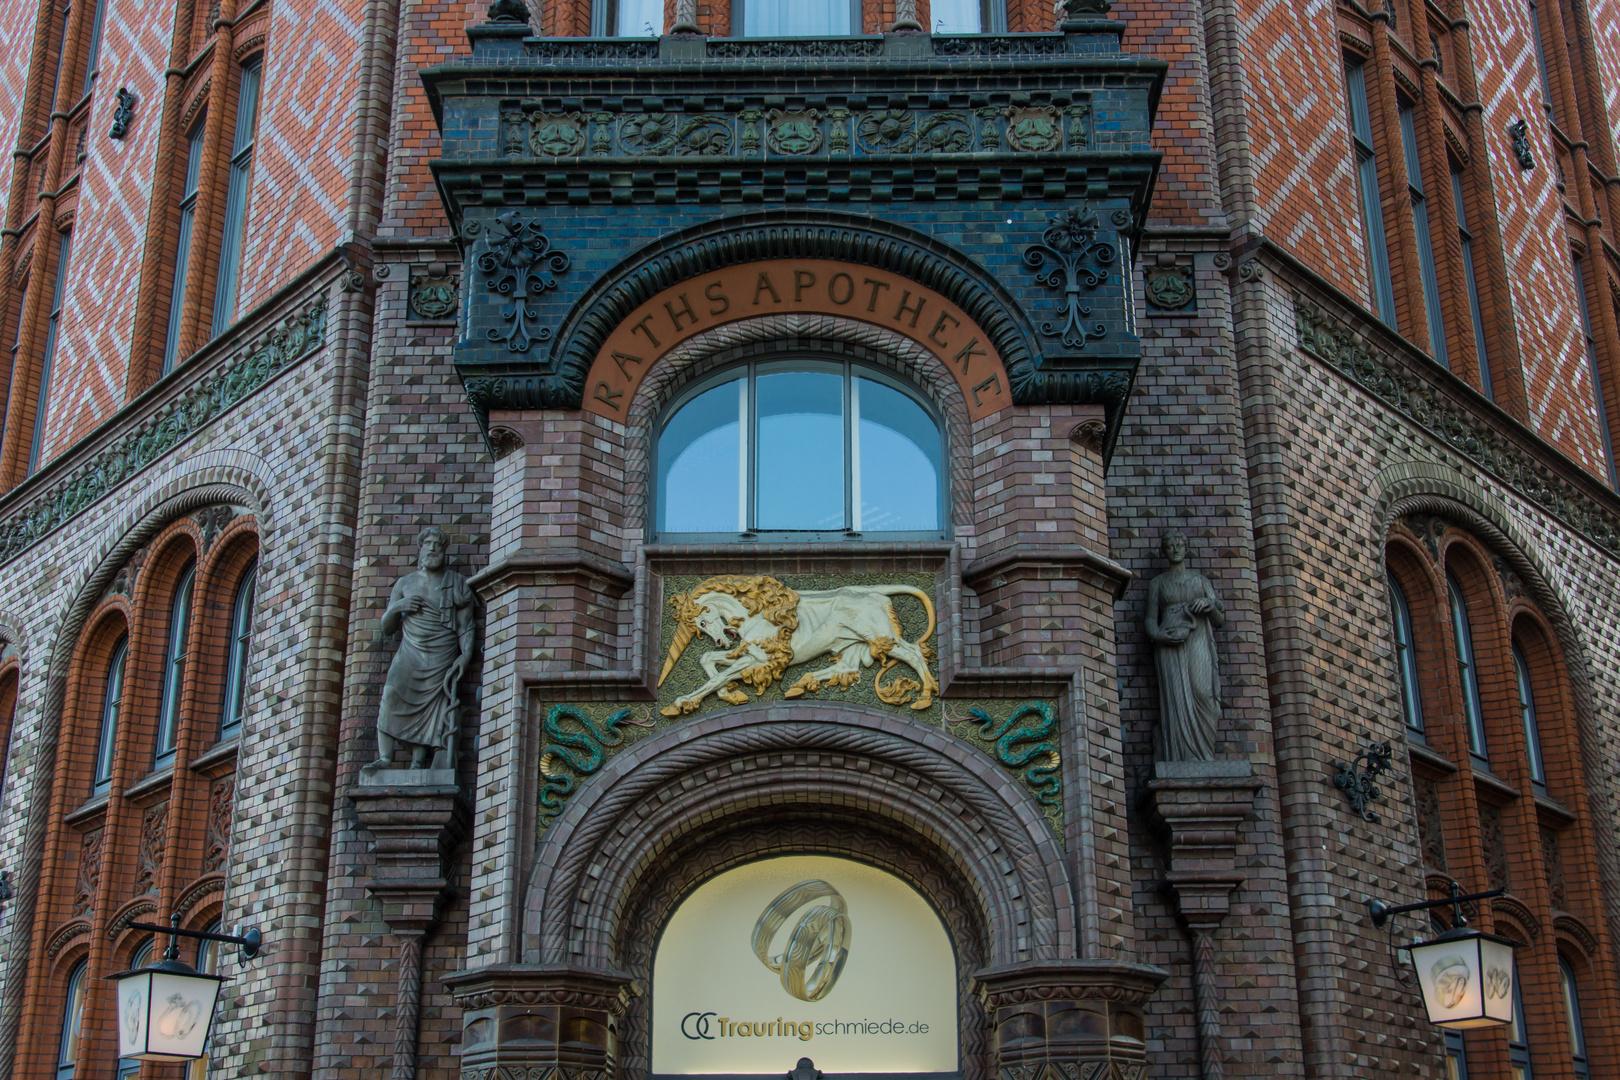 Rathsapotheke II - Hannover